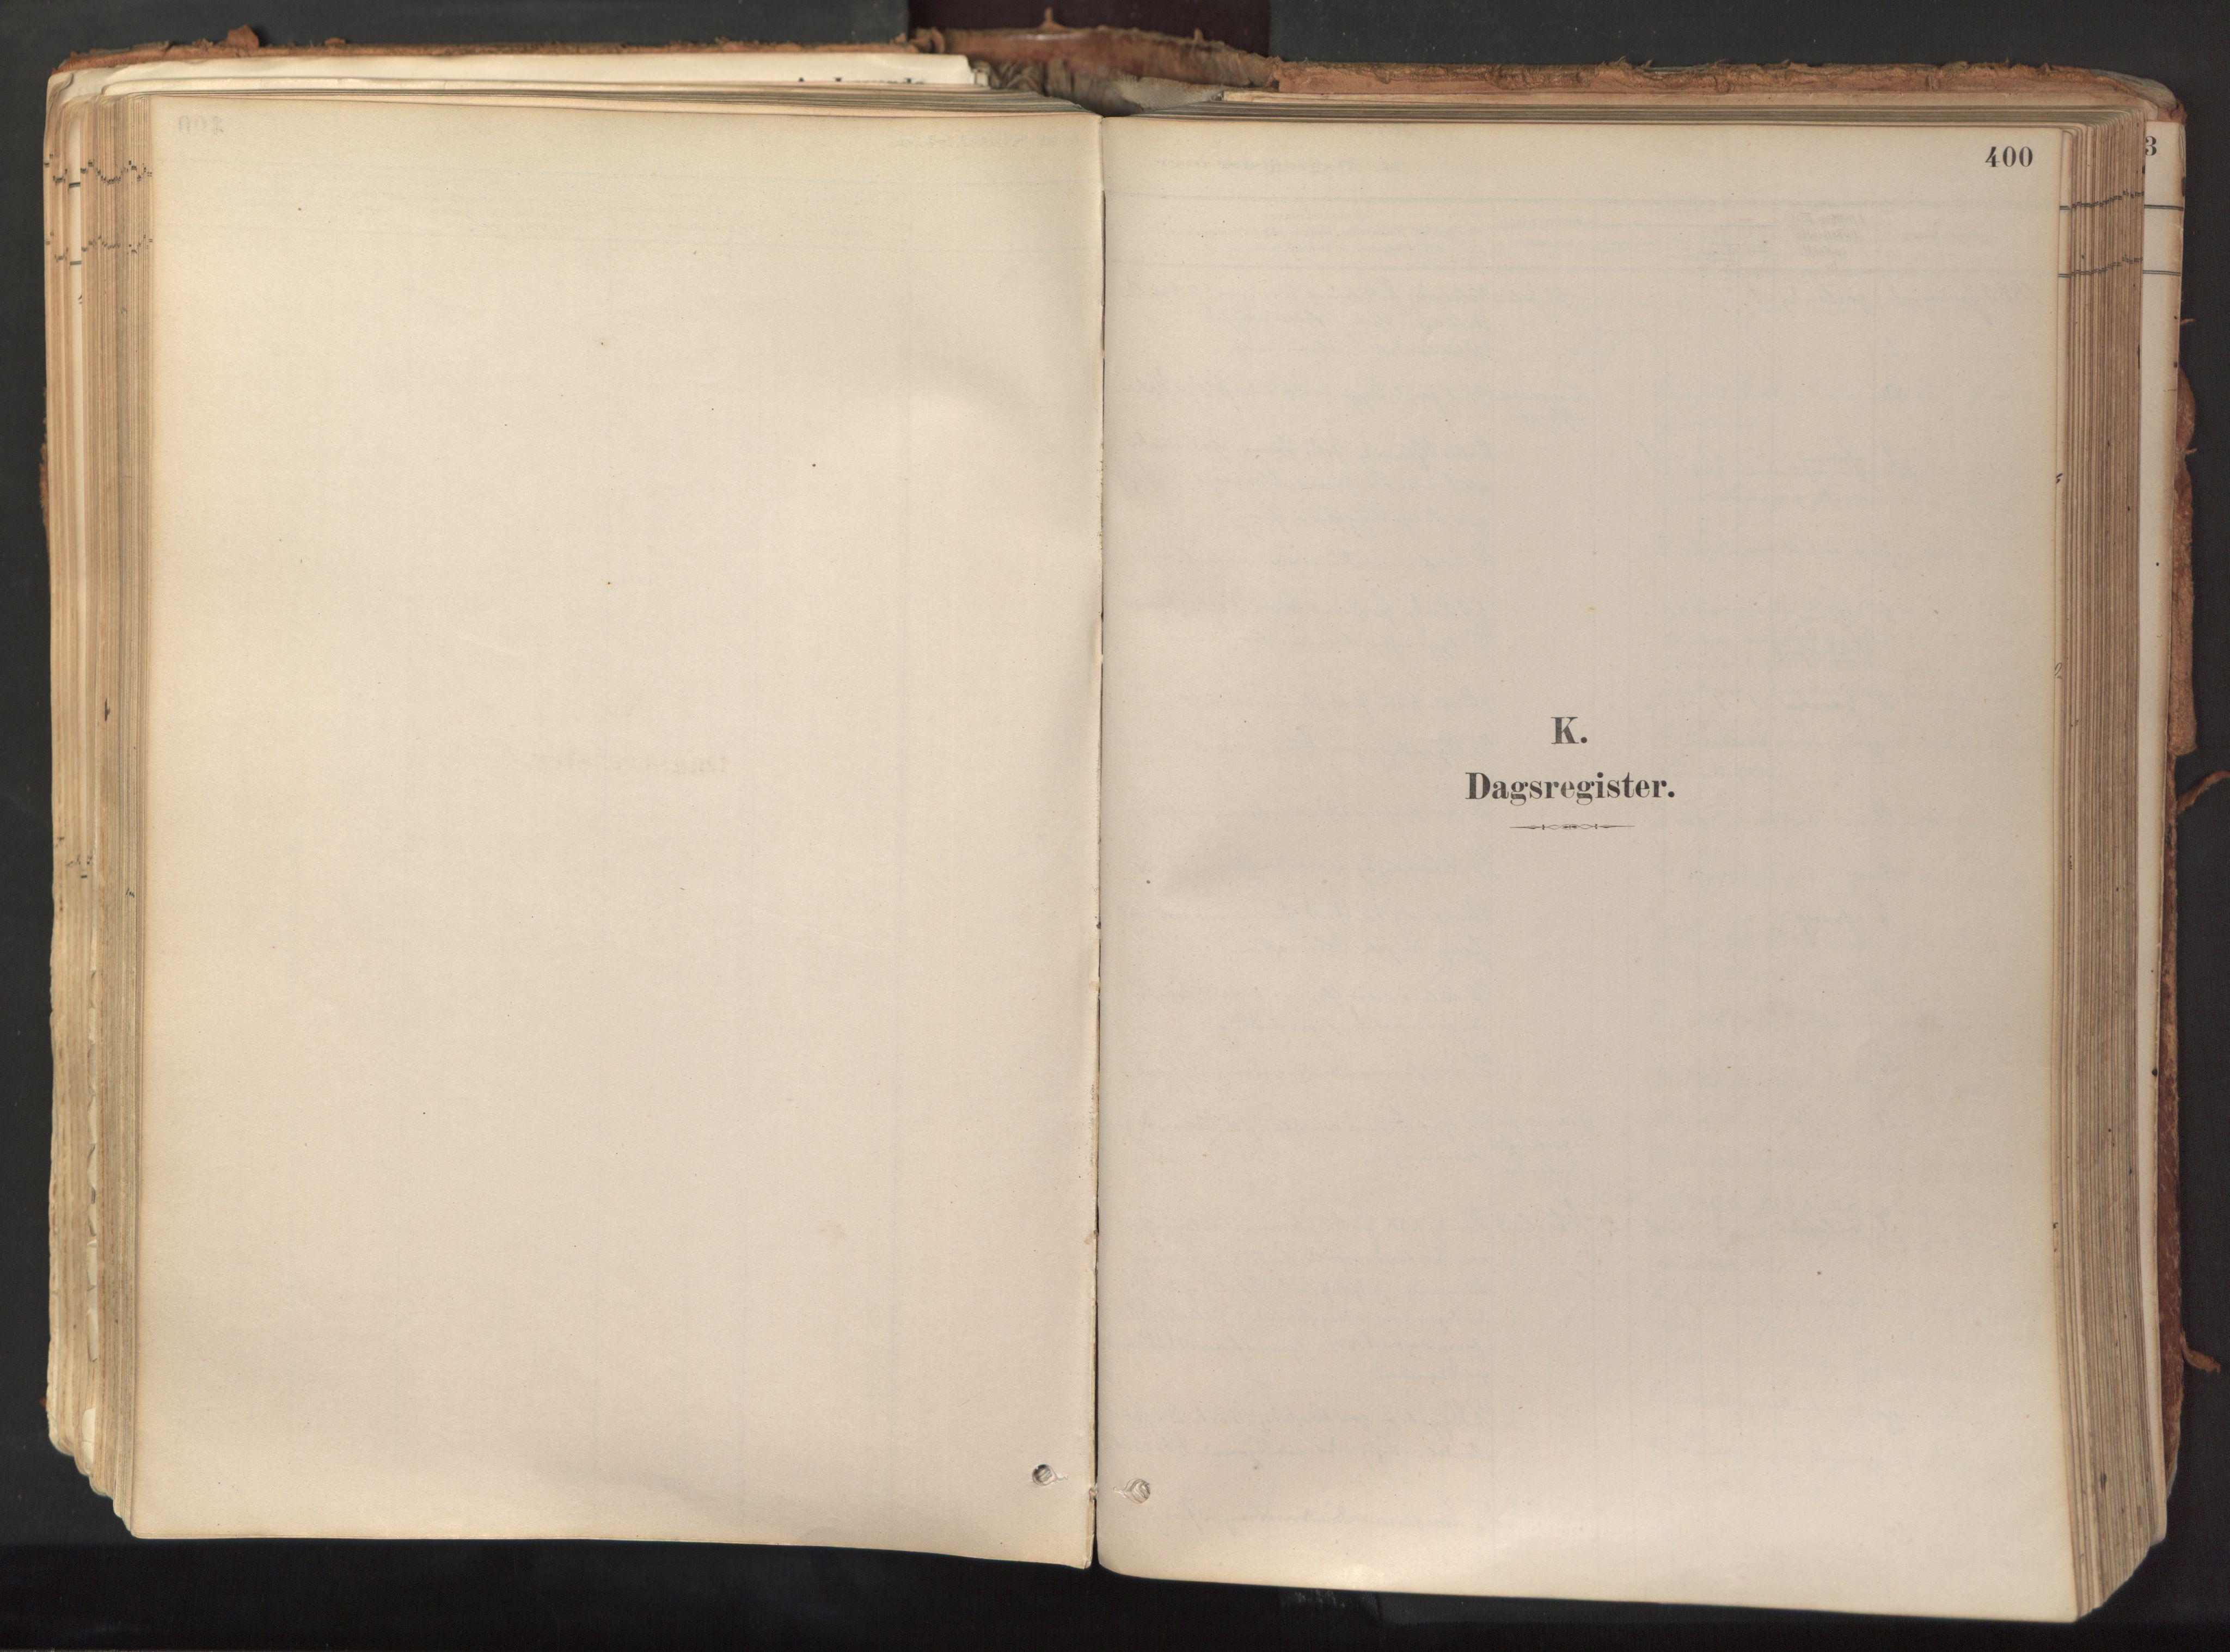 SAT, Ministerialprotokoller, klokkerbøker og fødselsregistre - Nord-Trøndelag, 758/L0519: Ministerialbok nr. 758A04, 1880-1926, s. 400